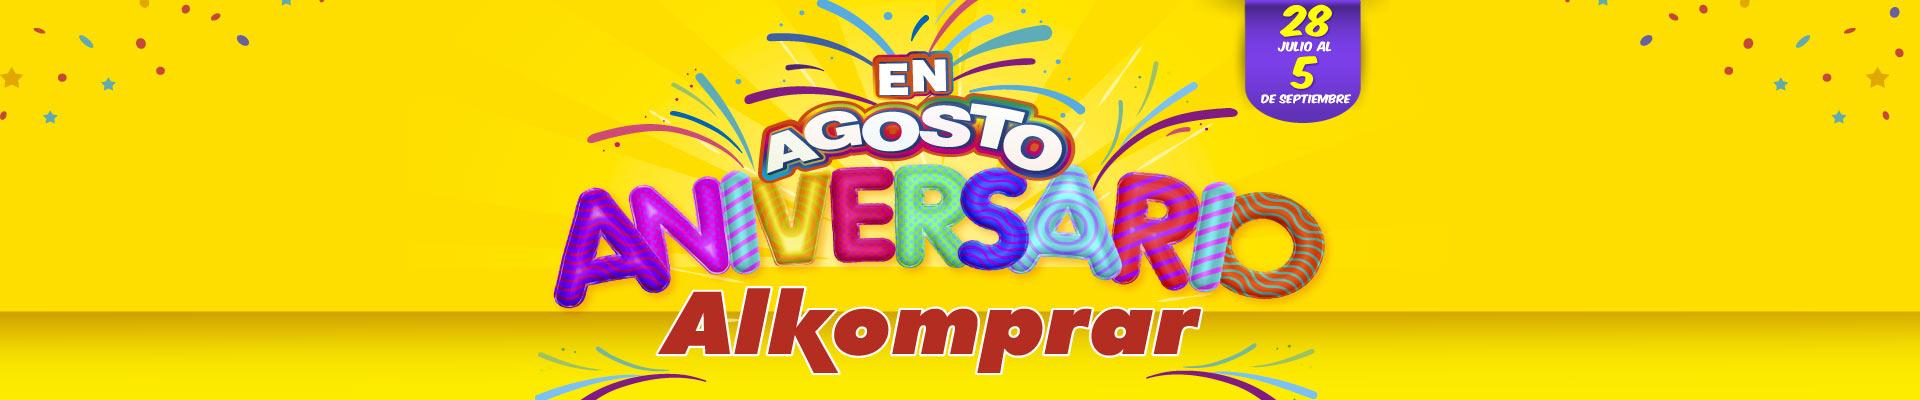 Aniversario 2017 alkomprar - banner principal